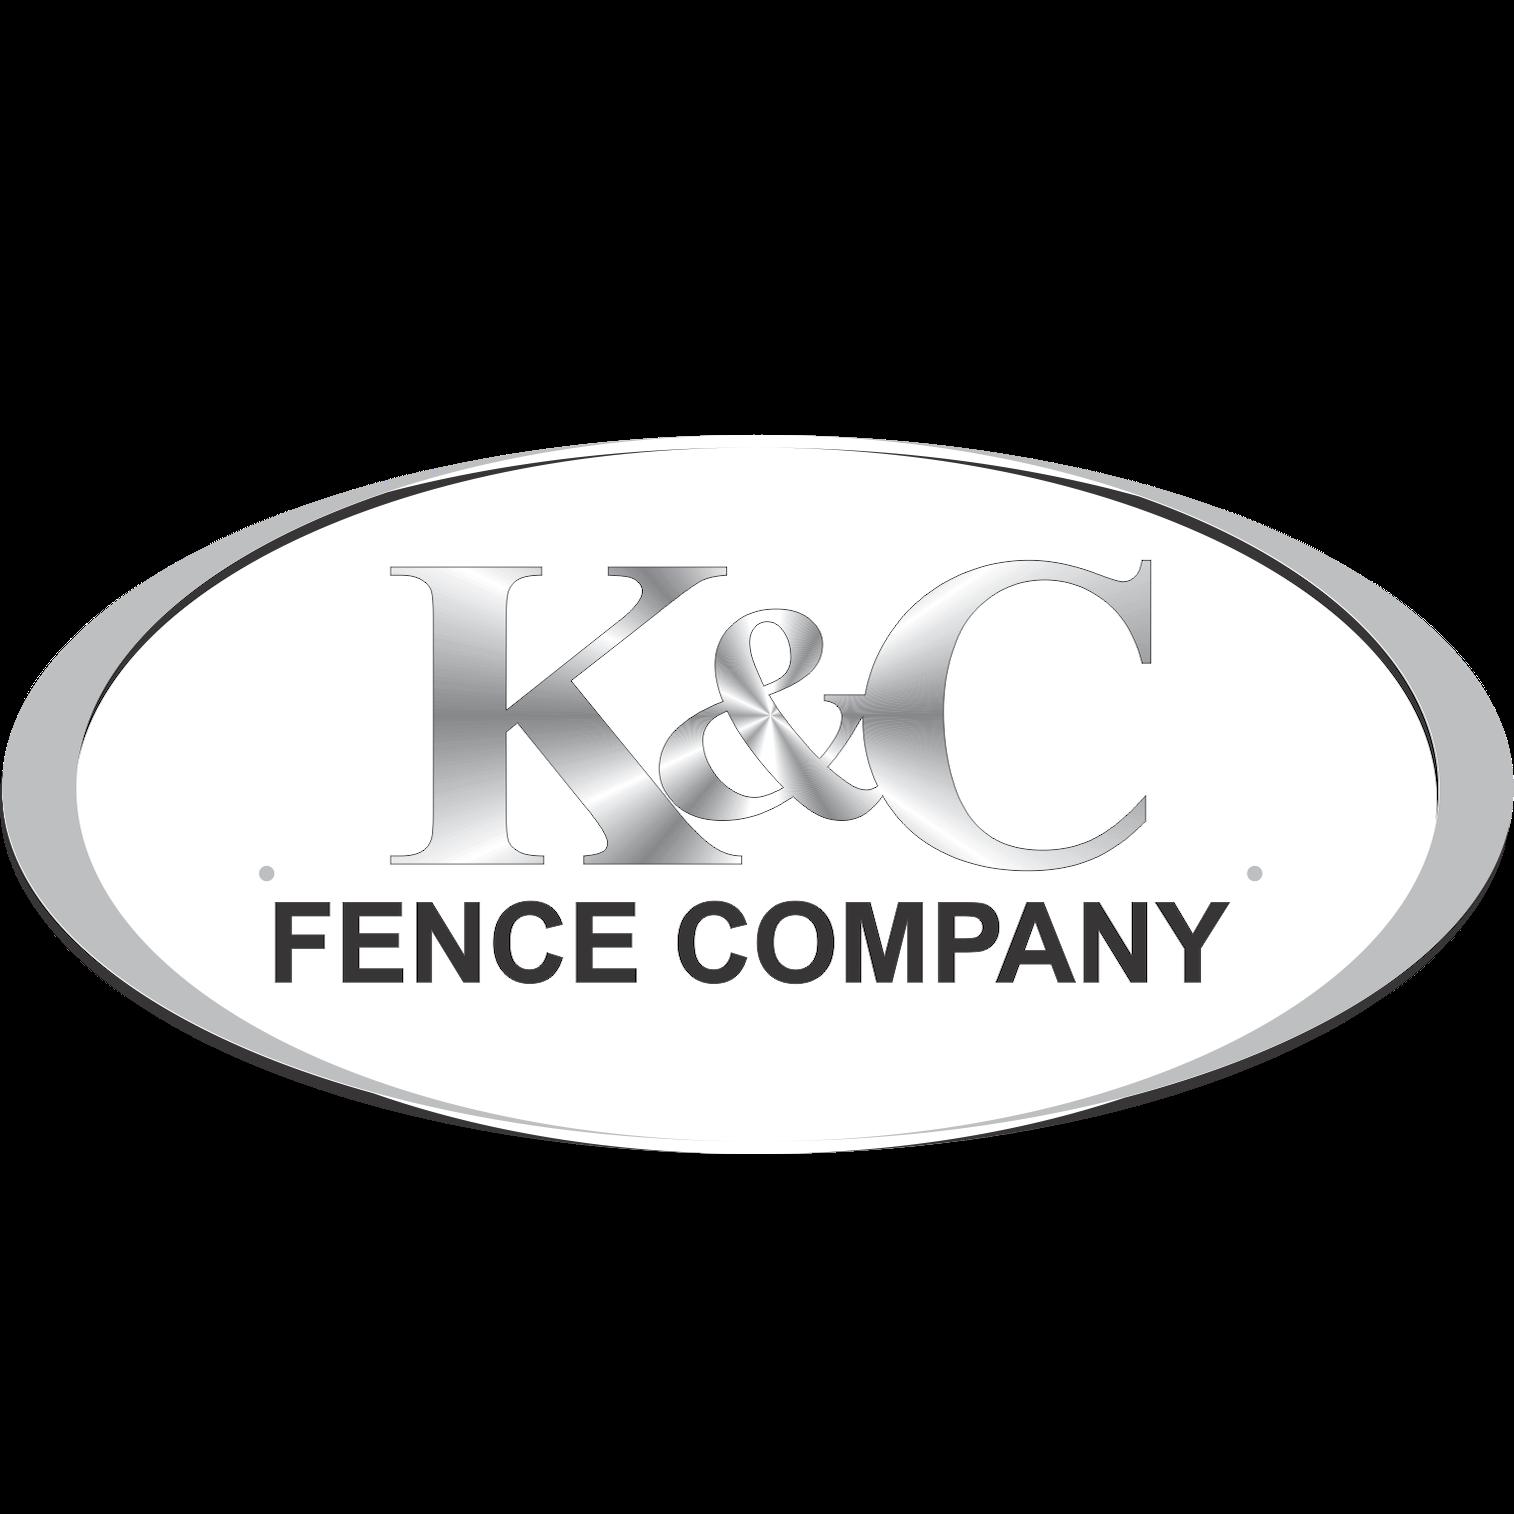 K & C Fence Company